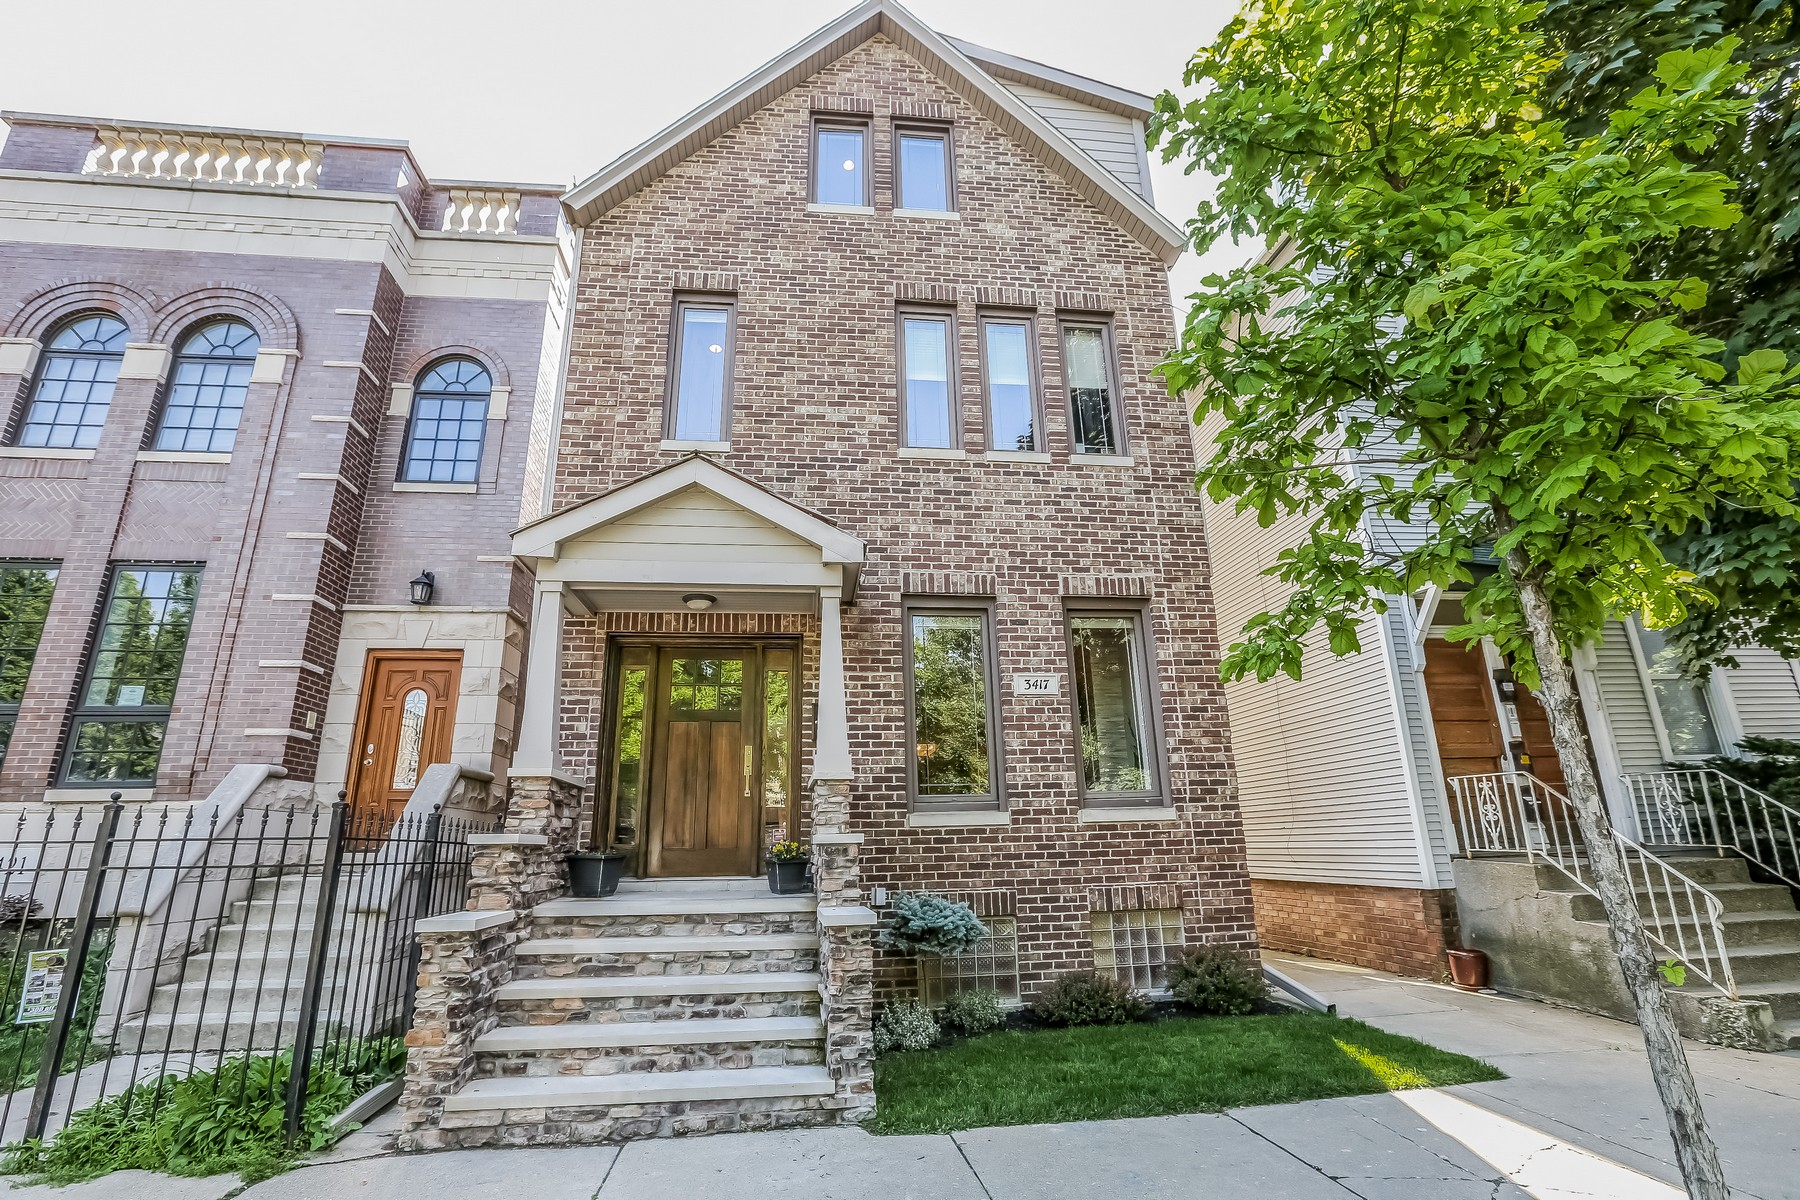 一戸建て のために 売買 アット Recently Renovated Home in Roscoe Village 3417 N Oakley Avenue Chicago, イリノイ, 60618 アメリカ合衆国